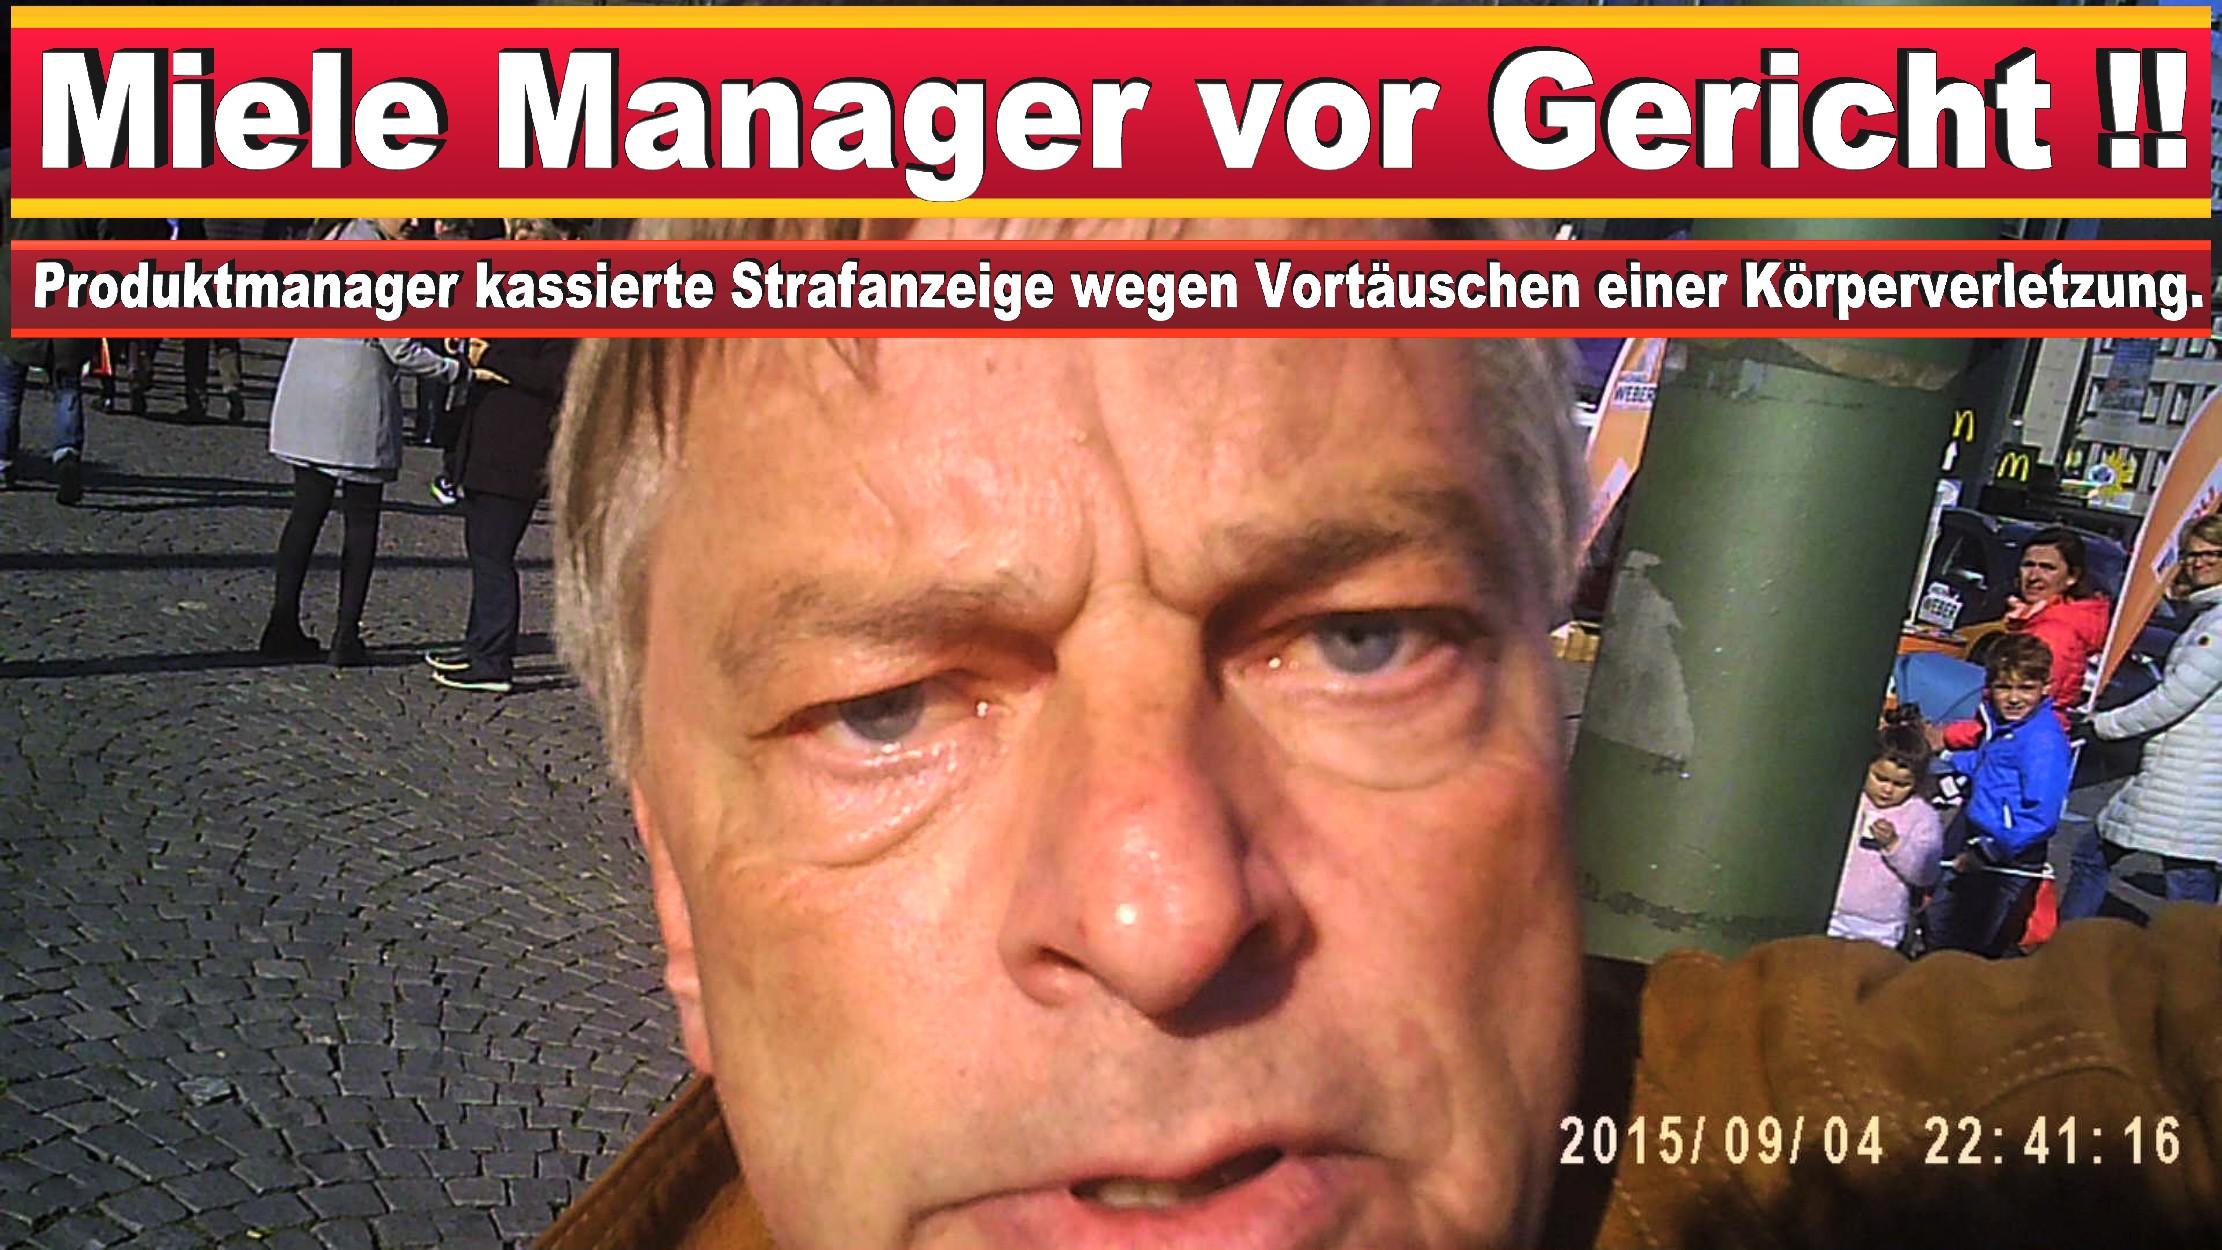 CDU BIELEFELD POLIZEIGEWALT GEWALTAUSBRUCH UND STRAFANZEIGE GEGEN EINEN JOURNALISTEN (8)